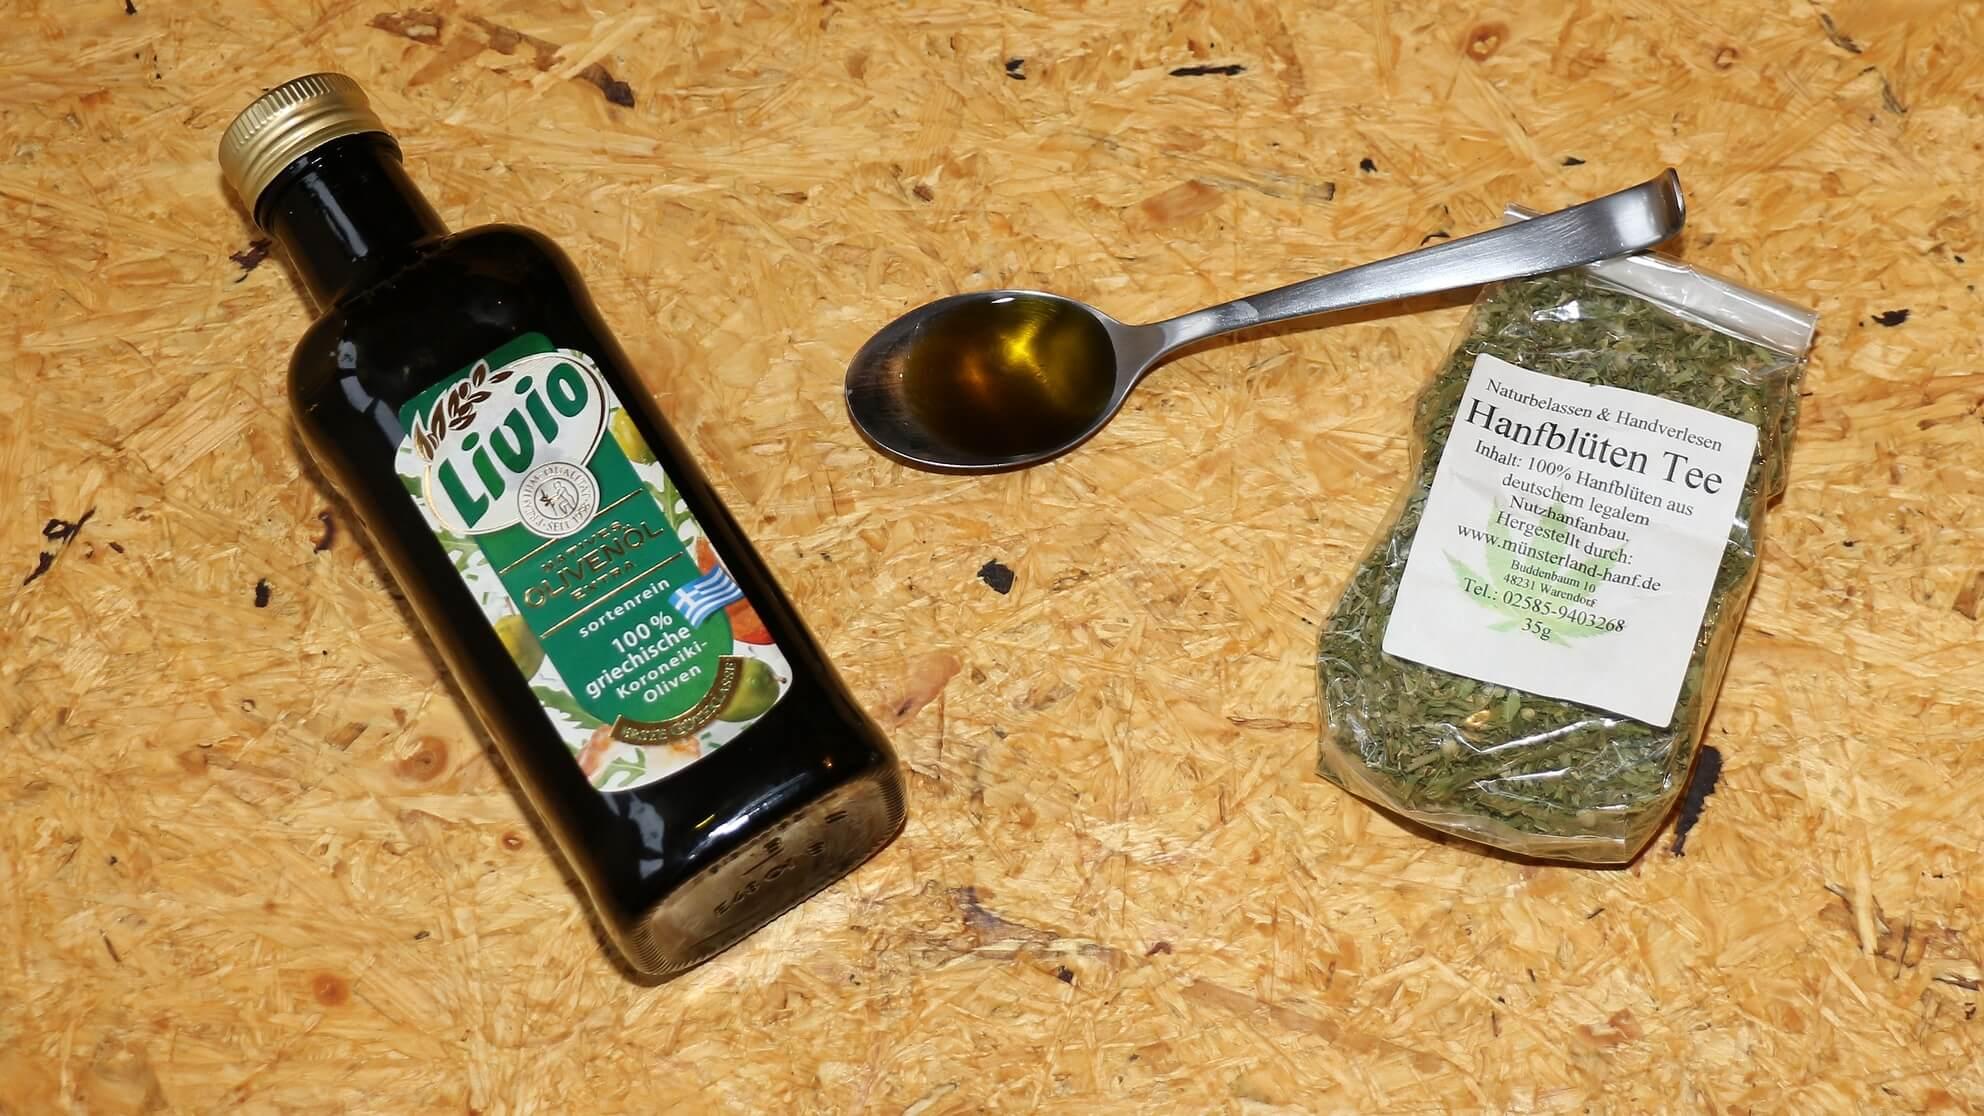 Für die medizinische Cannabis-Anwendung das eigene CBD-Olivenöl verwenden – es wirkt!